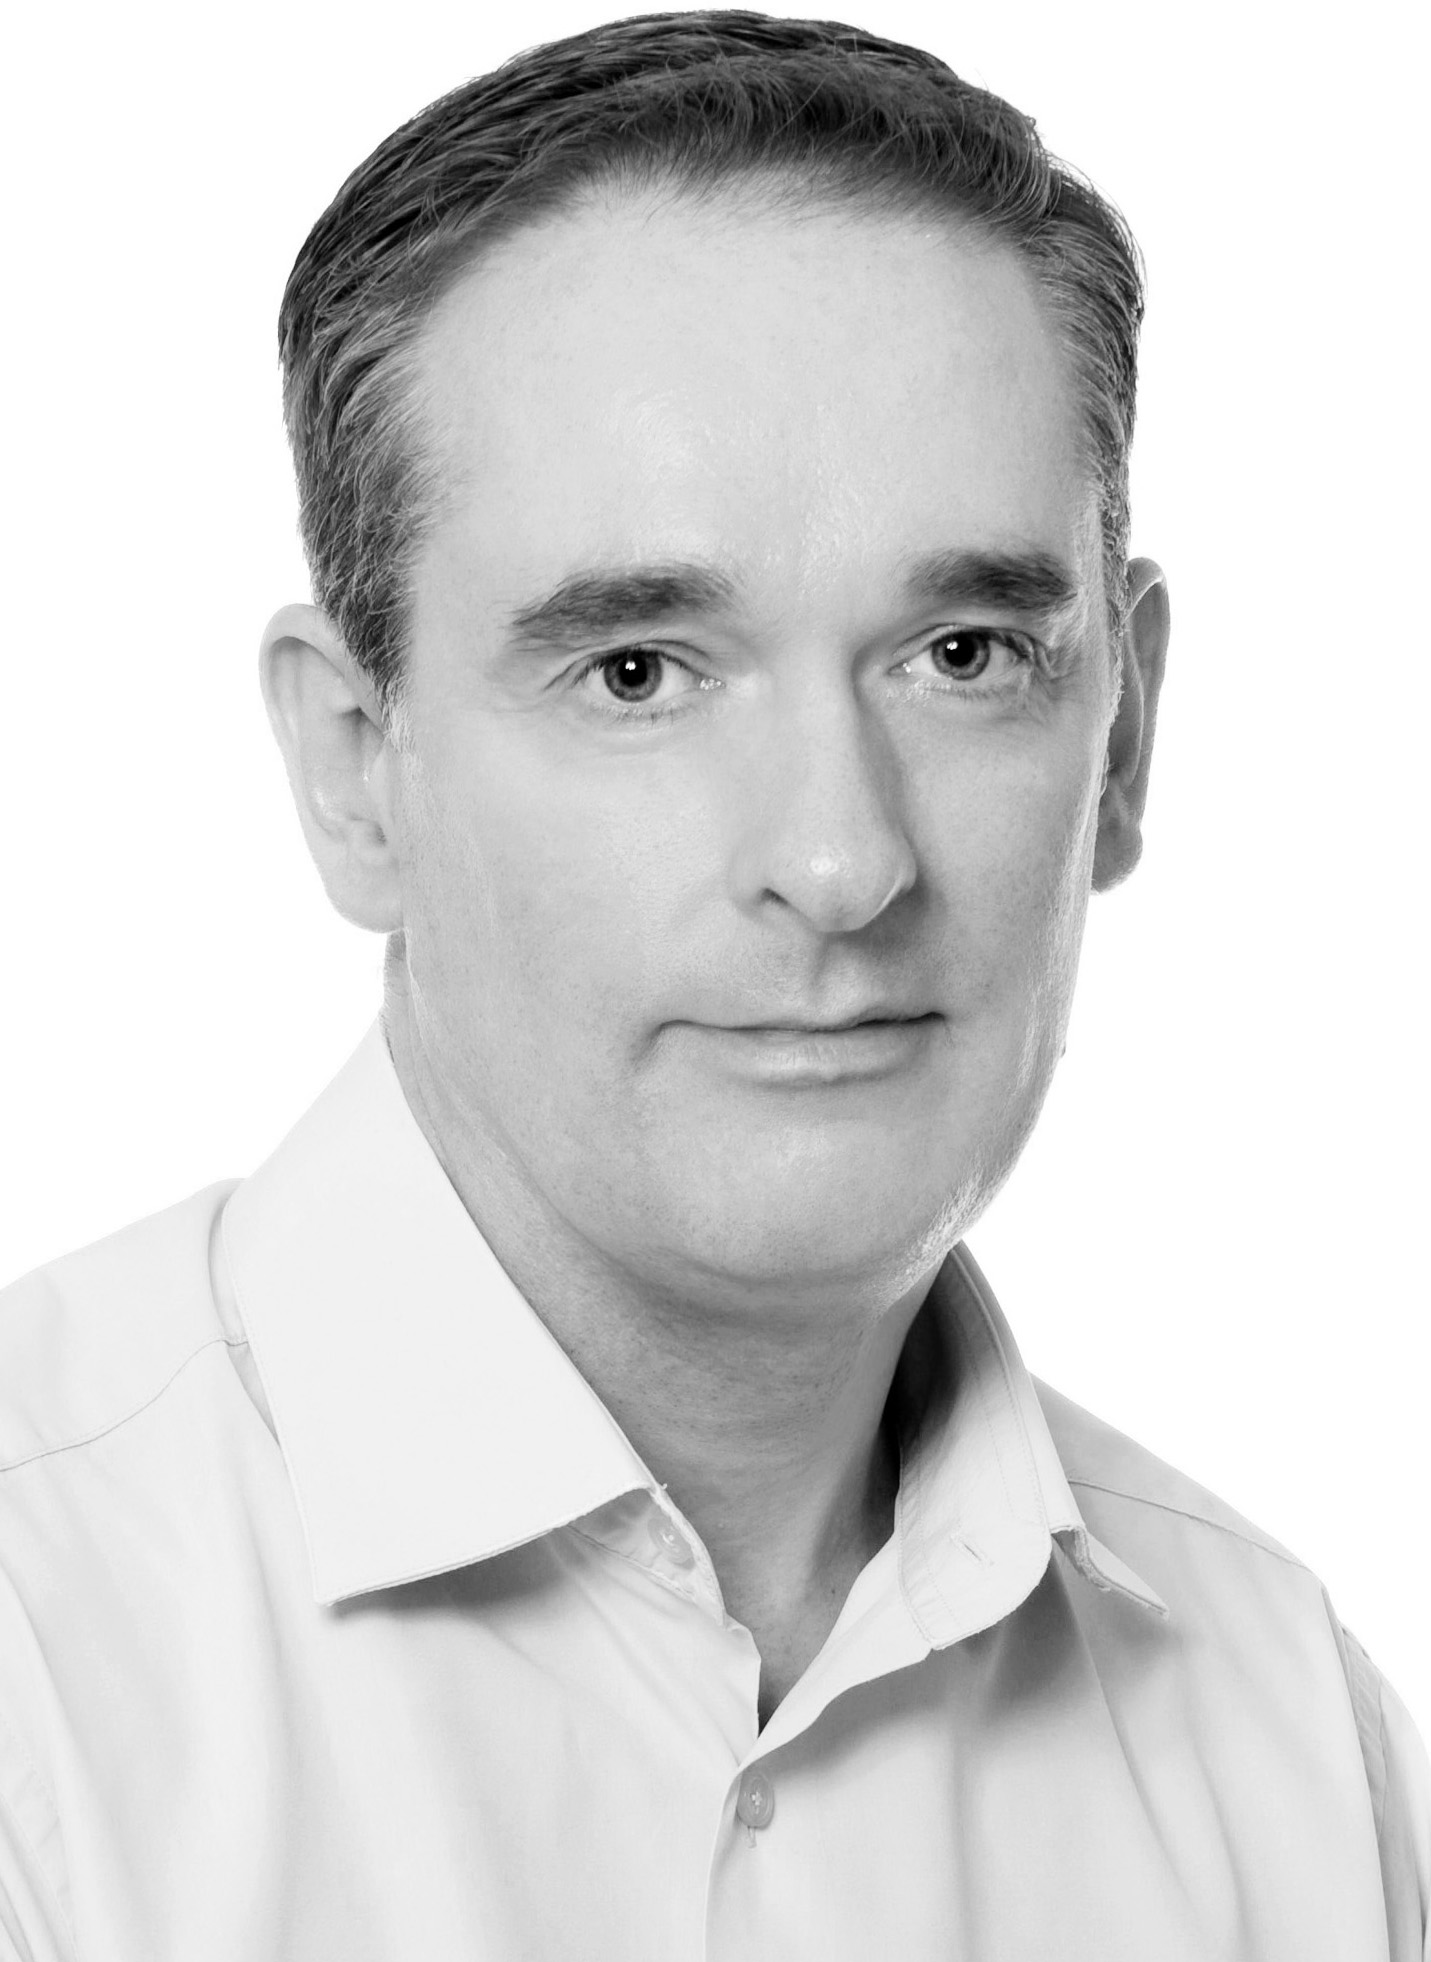 Dr Ian Drever